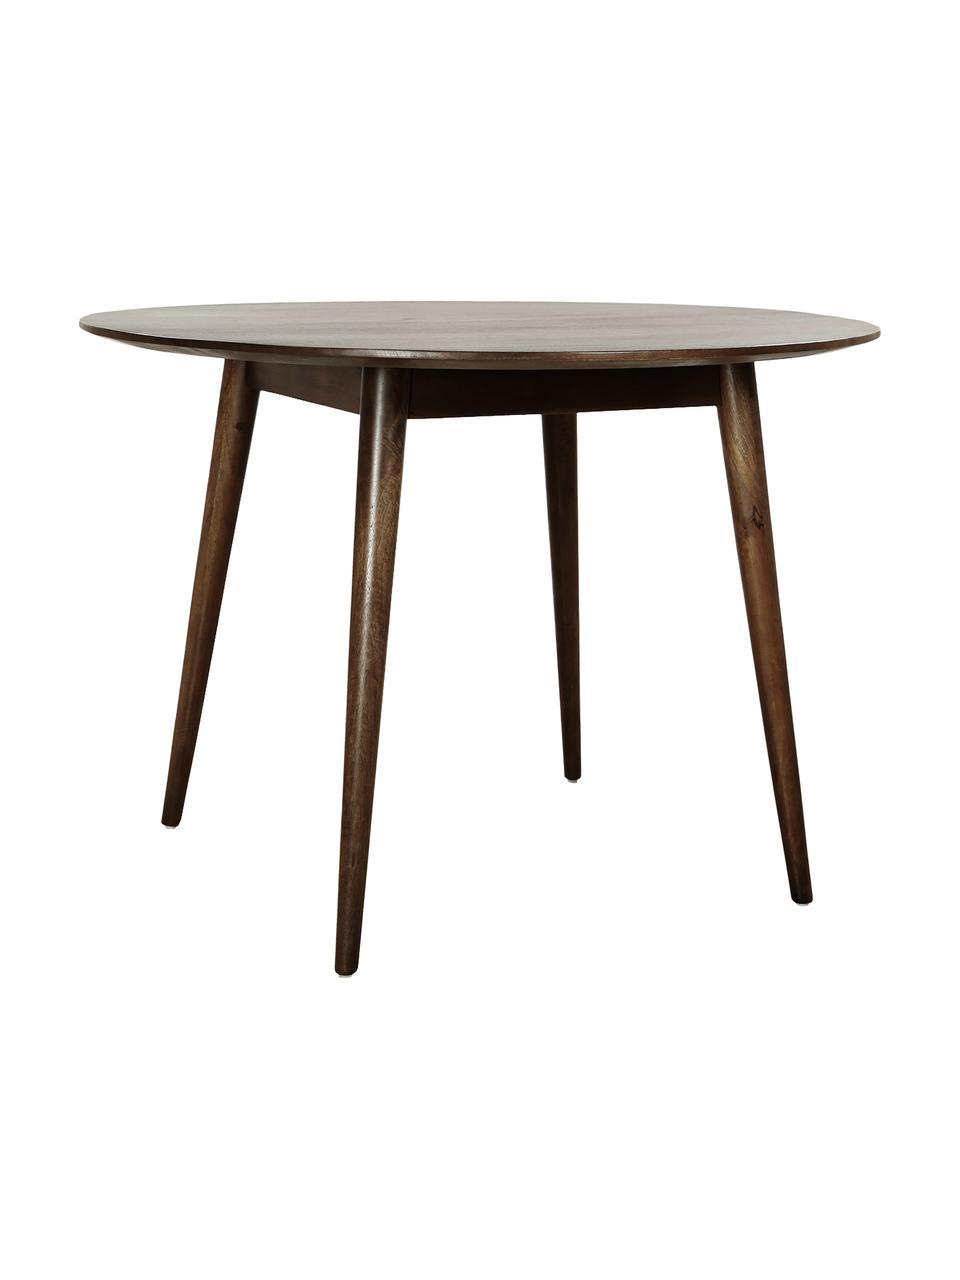 Okrągły stół do jadalni z drewna mangowego Oscar, Lite drewno mangowe, lakierowane, Ciemnybrązowy, Ø 106 cm x W 76 cm